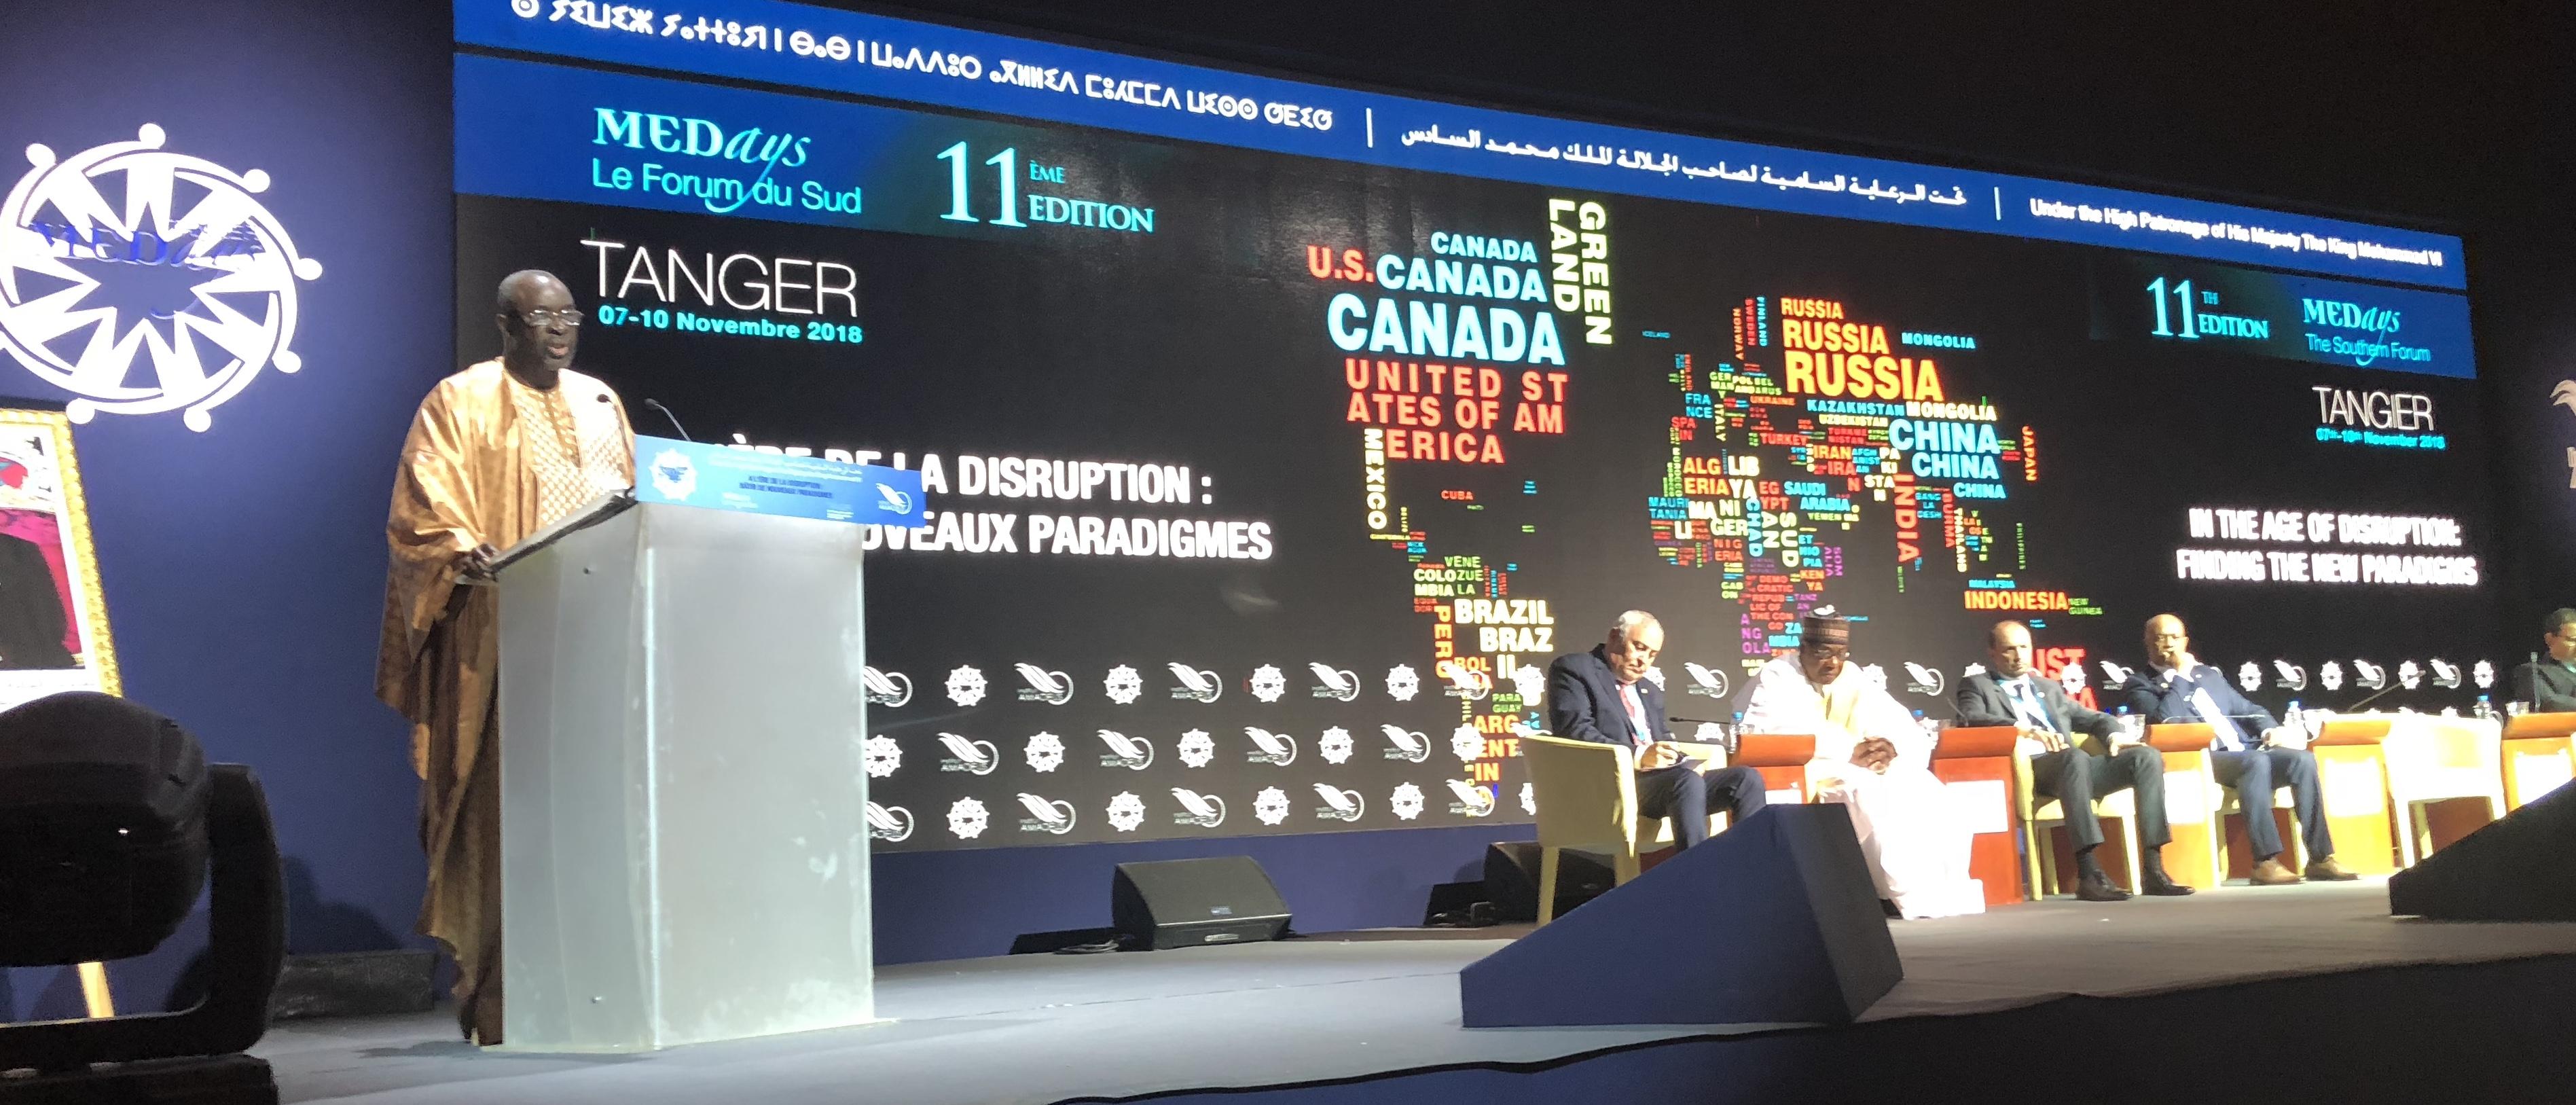 رئيس برلمان 'سيدياو' يعلن دعمه وإلتزامه بعضوية المغرب بتجمع 'دول غرب أفريقيا'